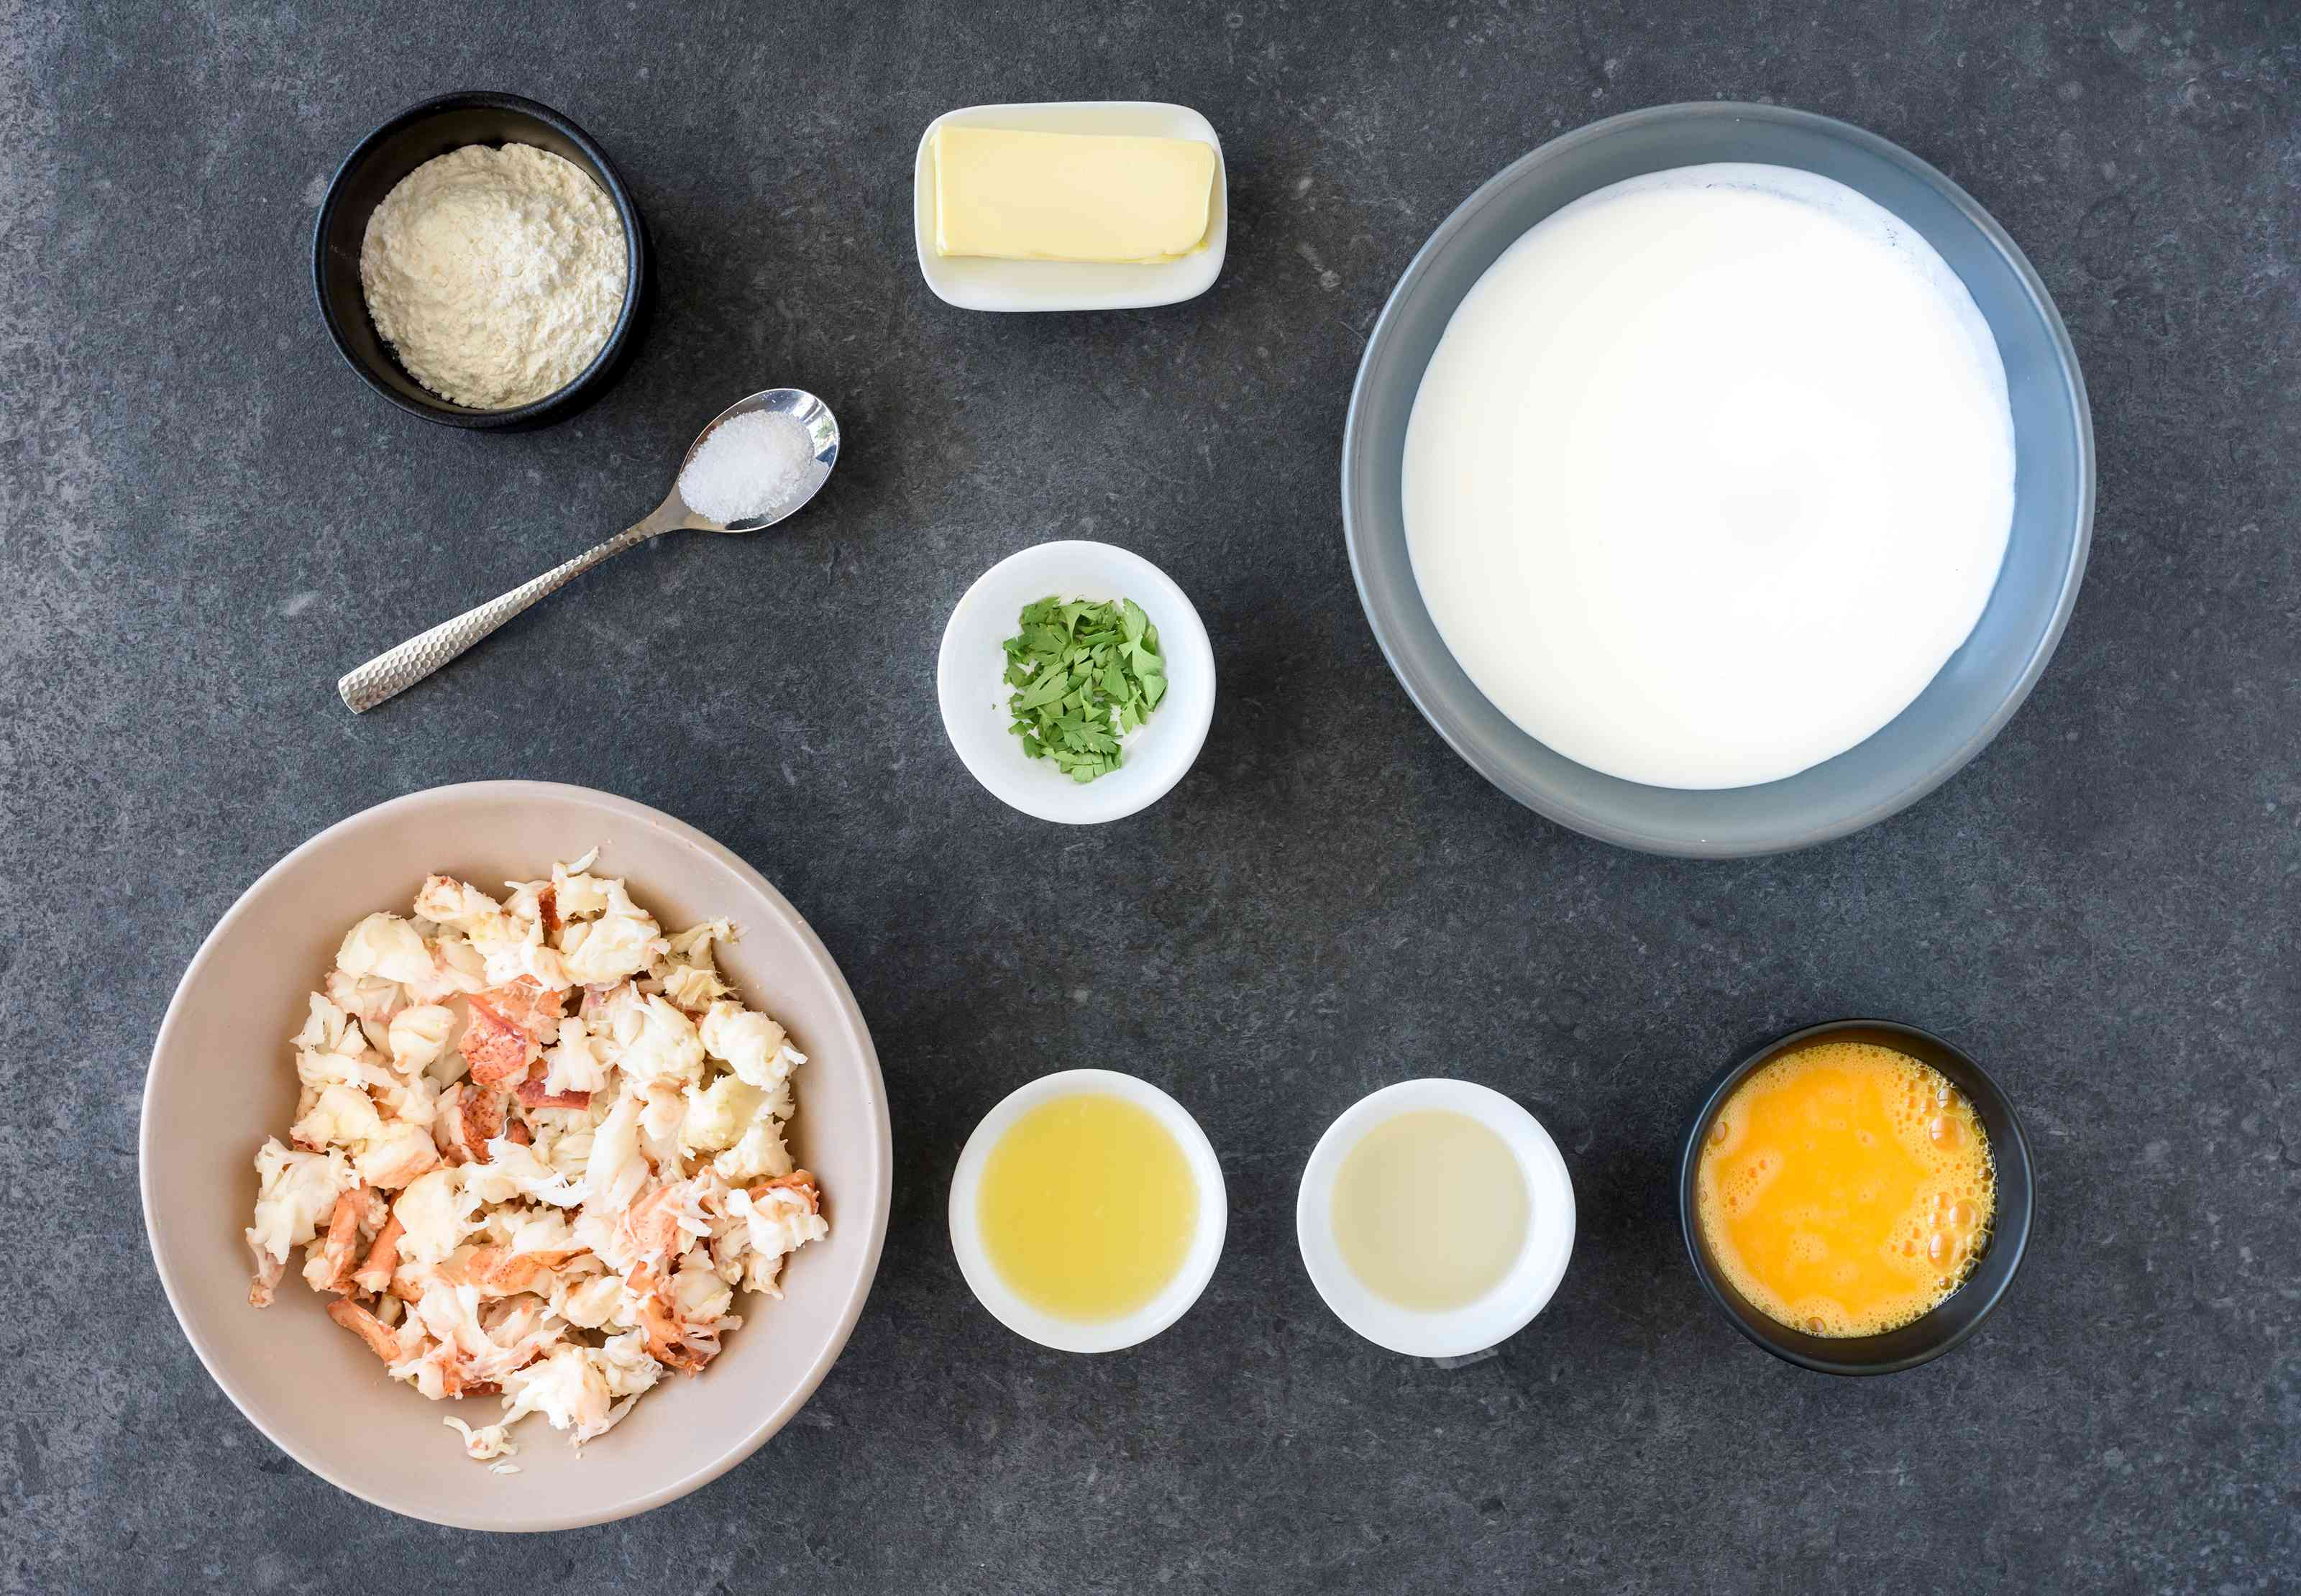 Creamy lobster newburg ingredients